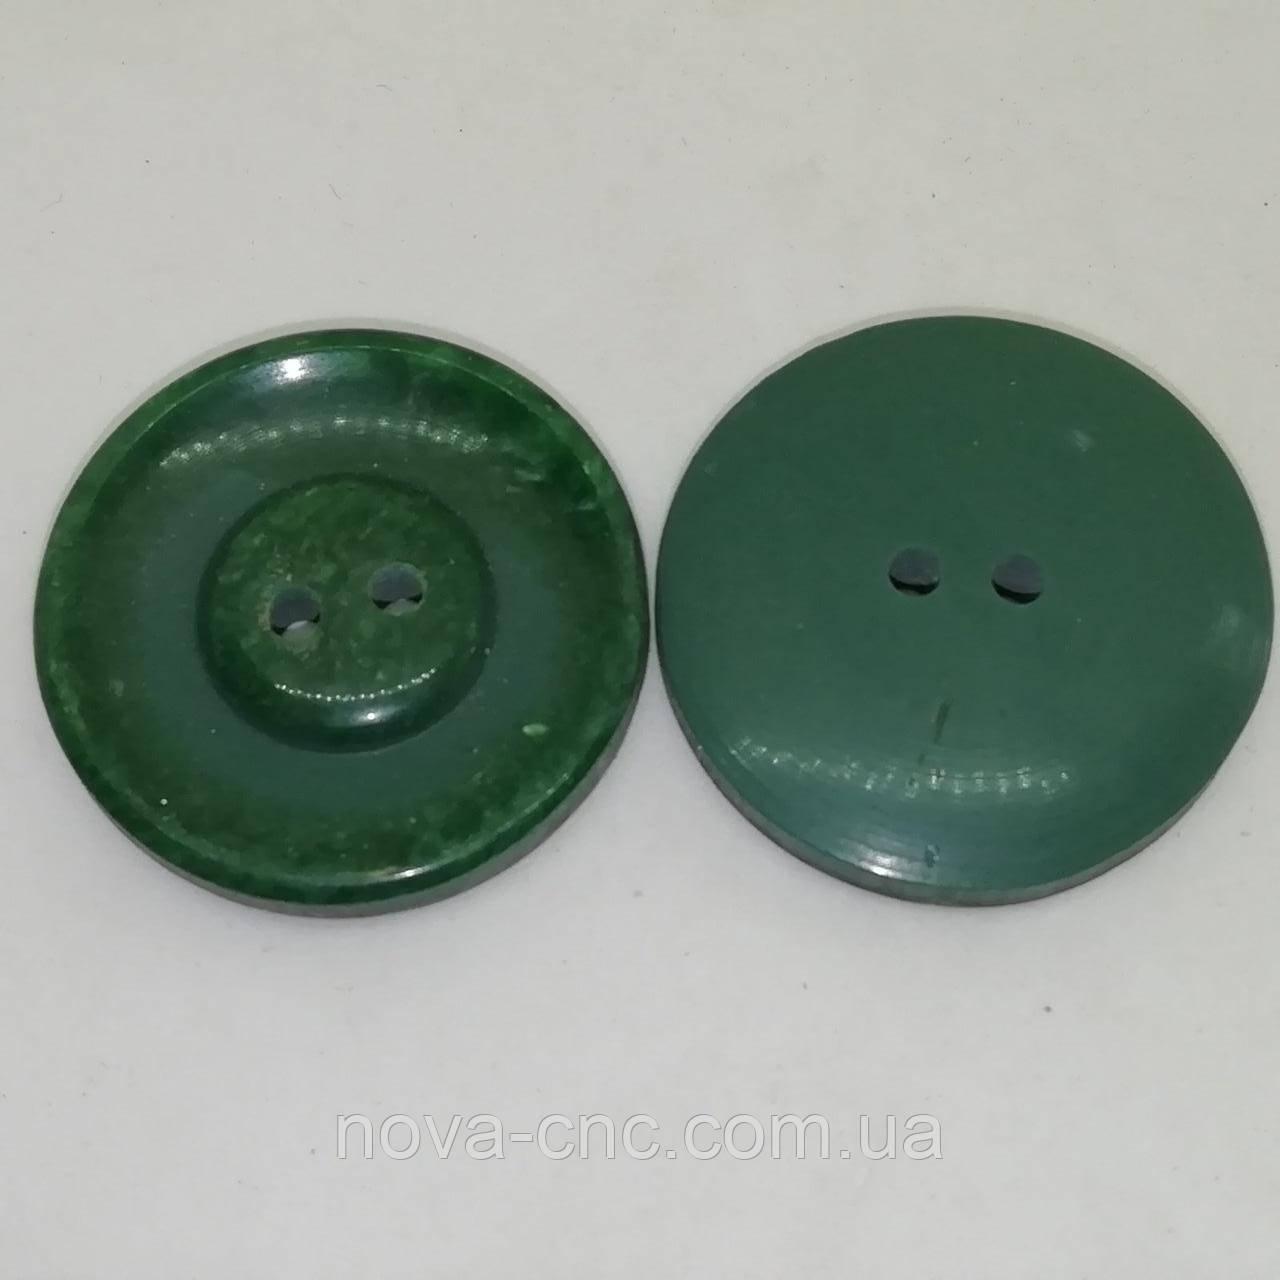 Пуговица пластмассовая 28 мм Цвет зеленый Упаковка 400 штук